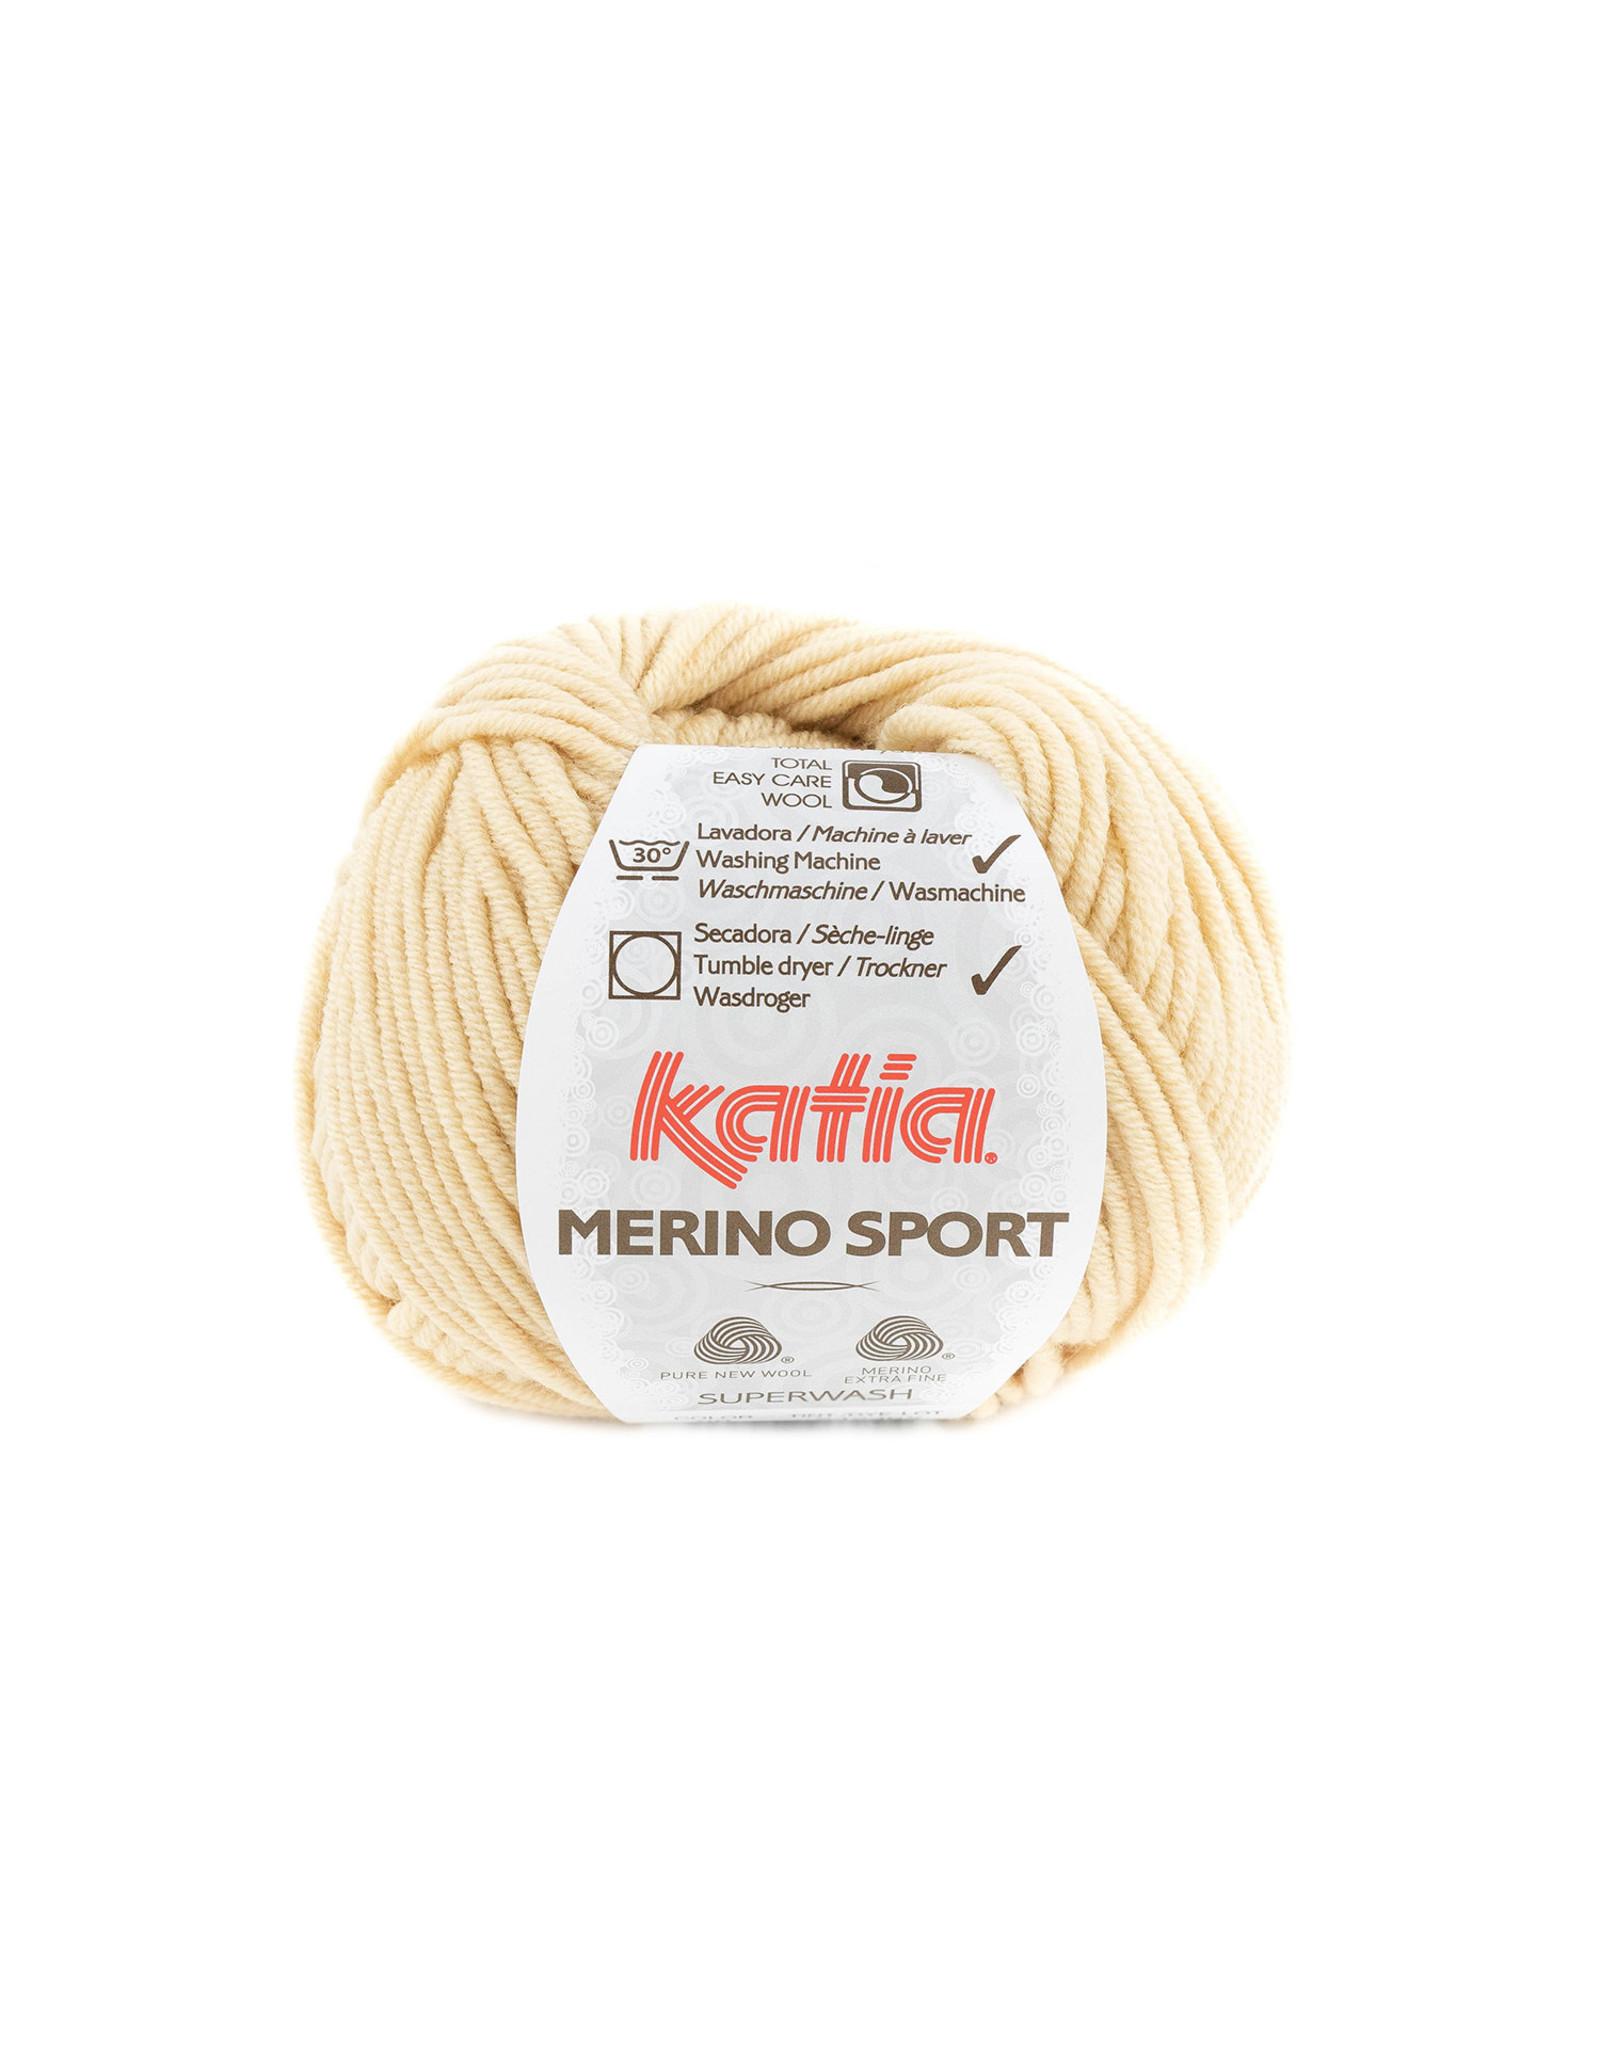 Katia Katia - Merino Sport - 60 Zandgeel - bundel 5 x 50 gr.